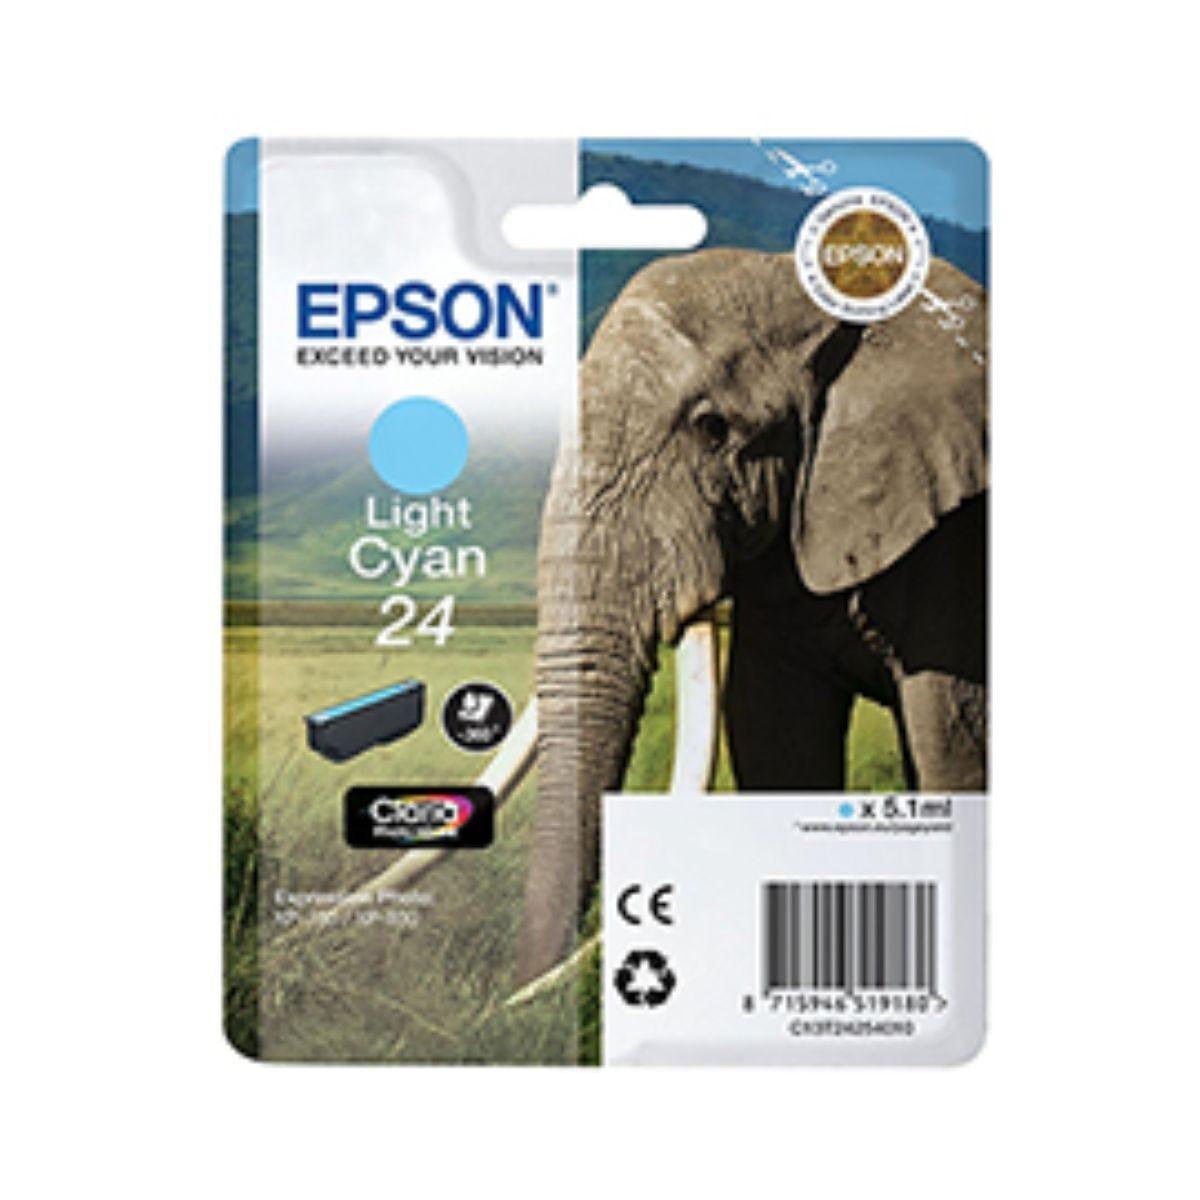 Epson T2425 24 Ink Cartridge Light Cyan